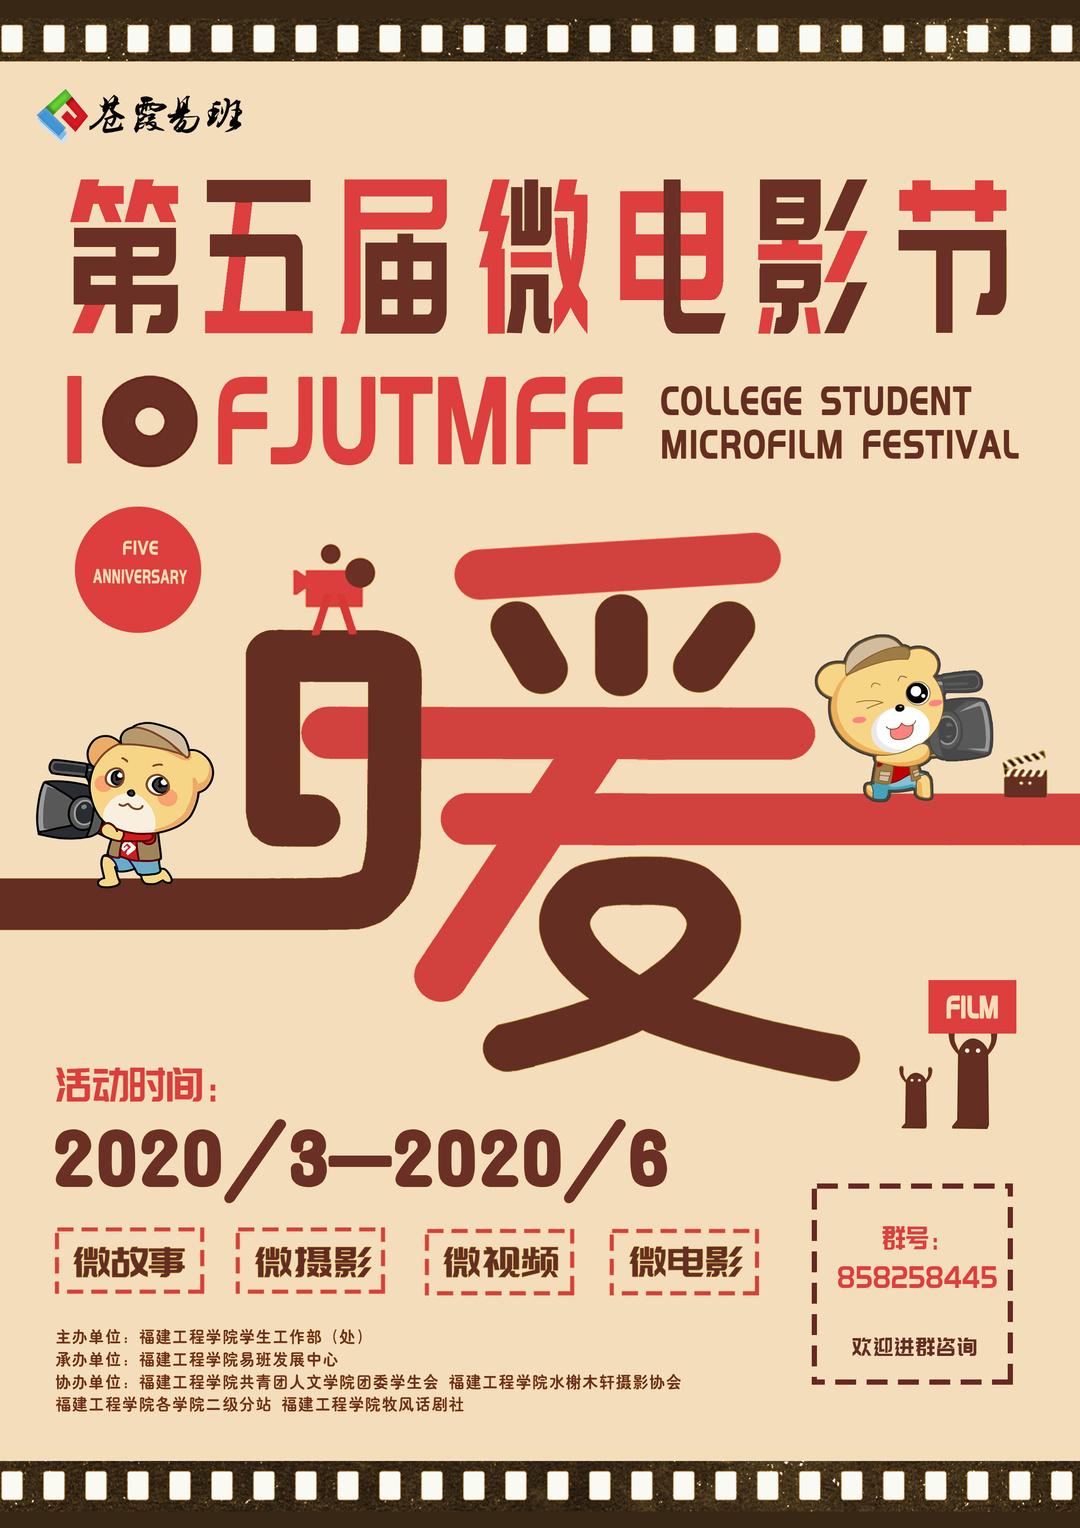 【福建工程学院】第五届微电影节正式开始